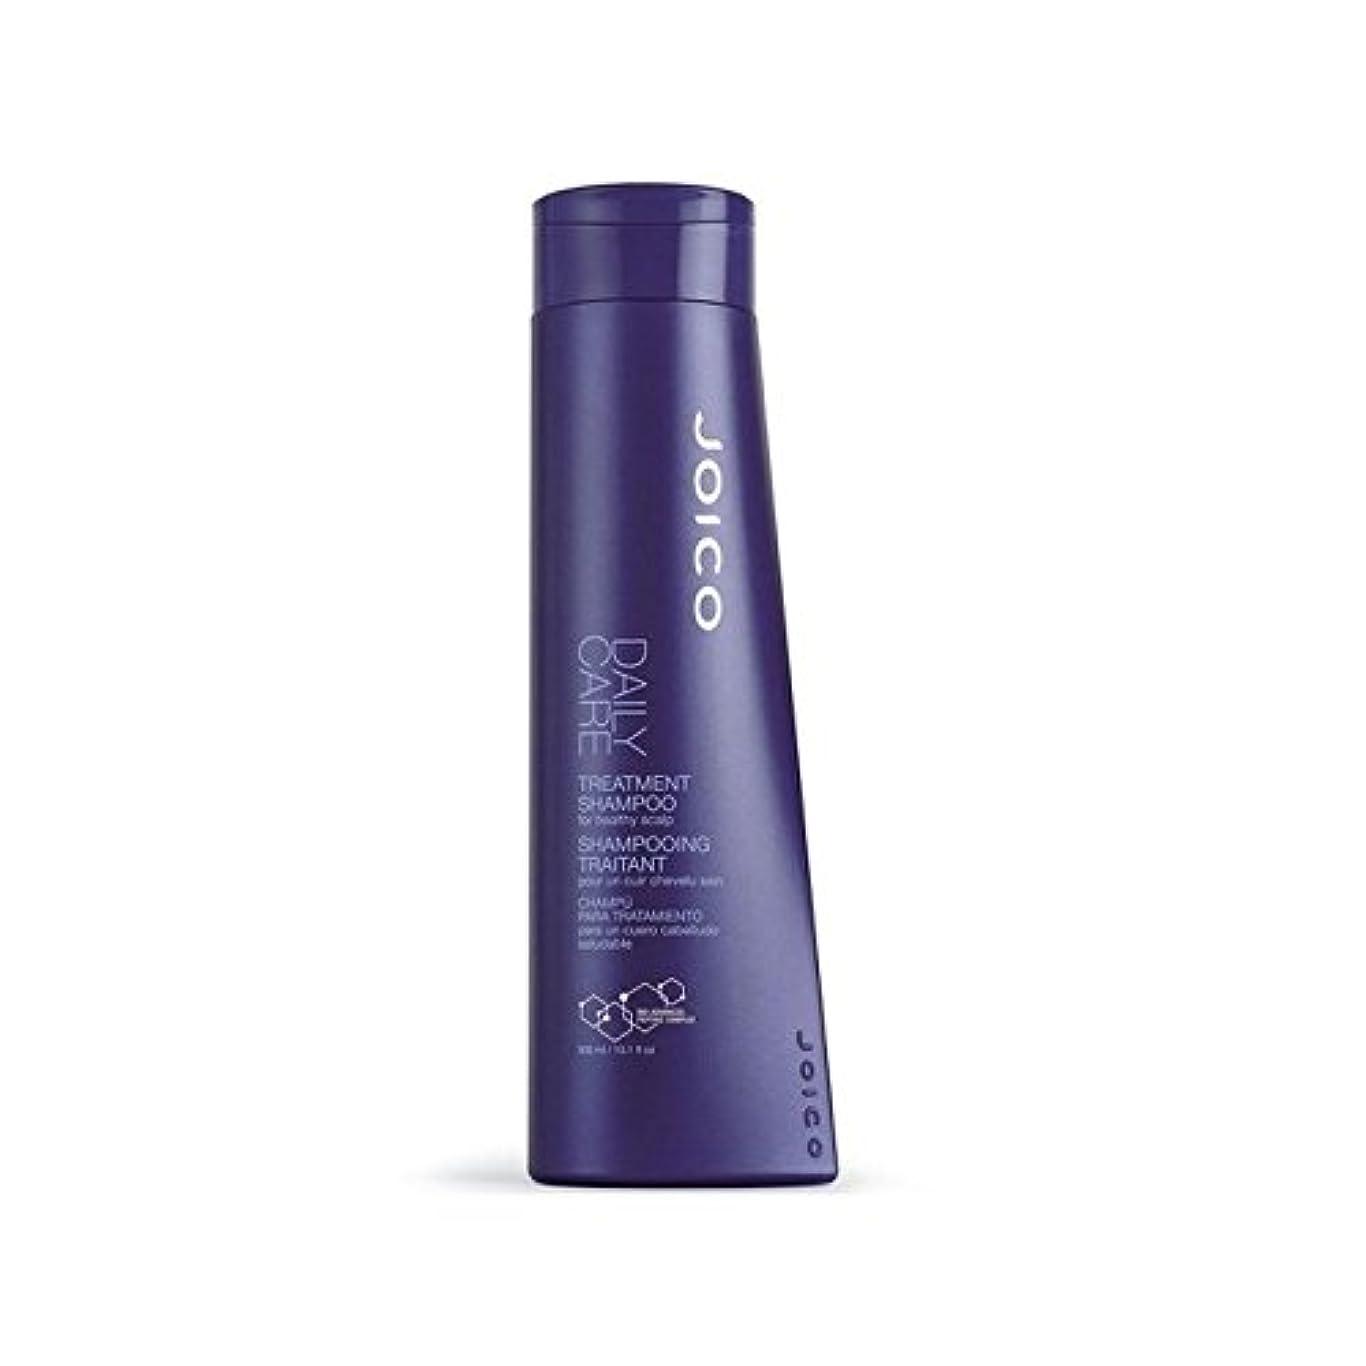 リサイクルするミュート段落ジョイコ毎日のケアトリートメントシャンプー300ミリリットル x2 - Joico Daily Care Treatment Shampoo 300ml (Pack of 2) [並行輸入品]